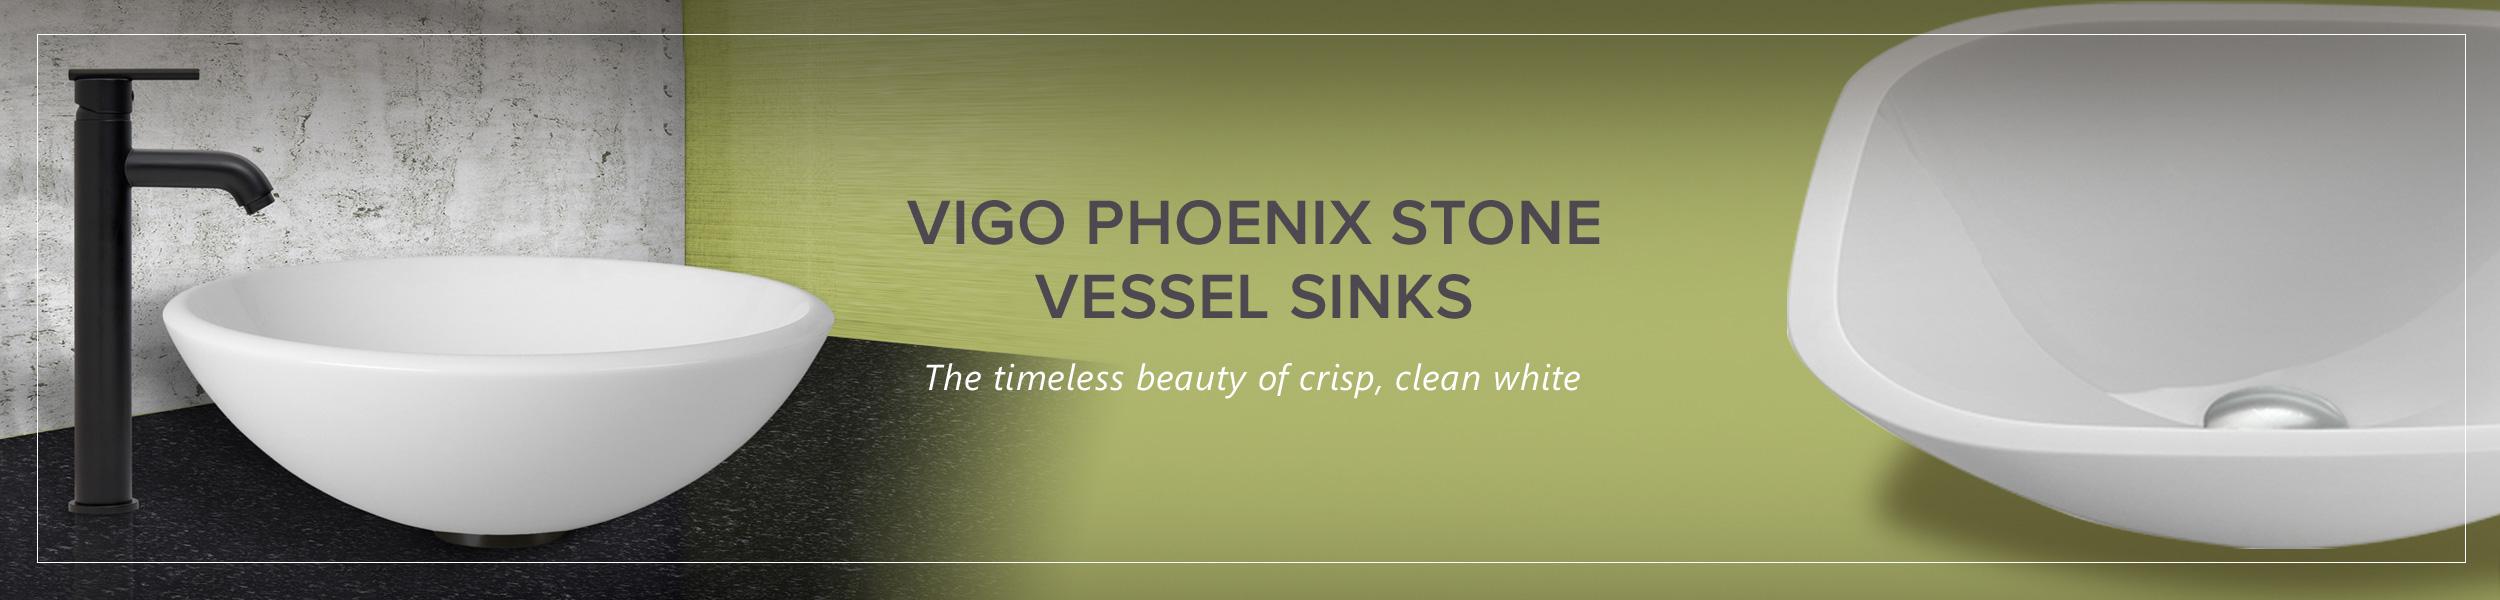 Phoenix Stone Vessel Sinks